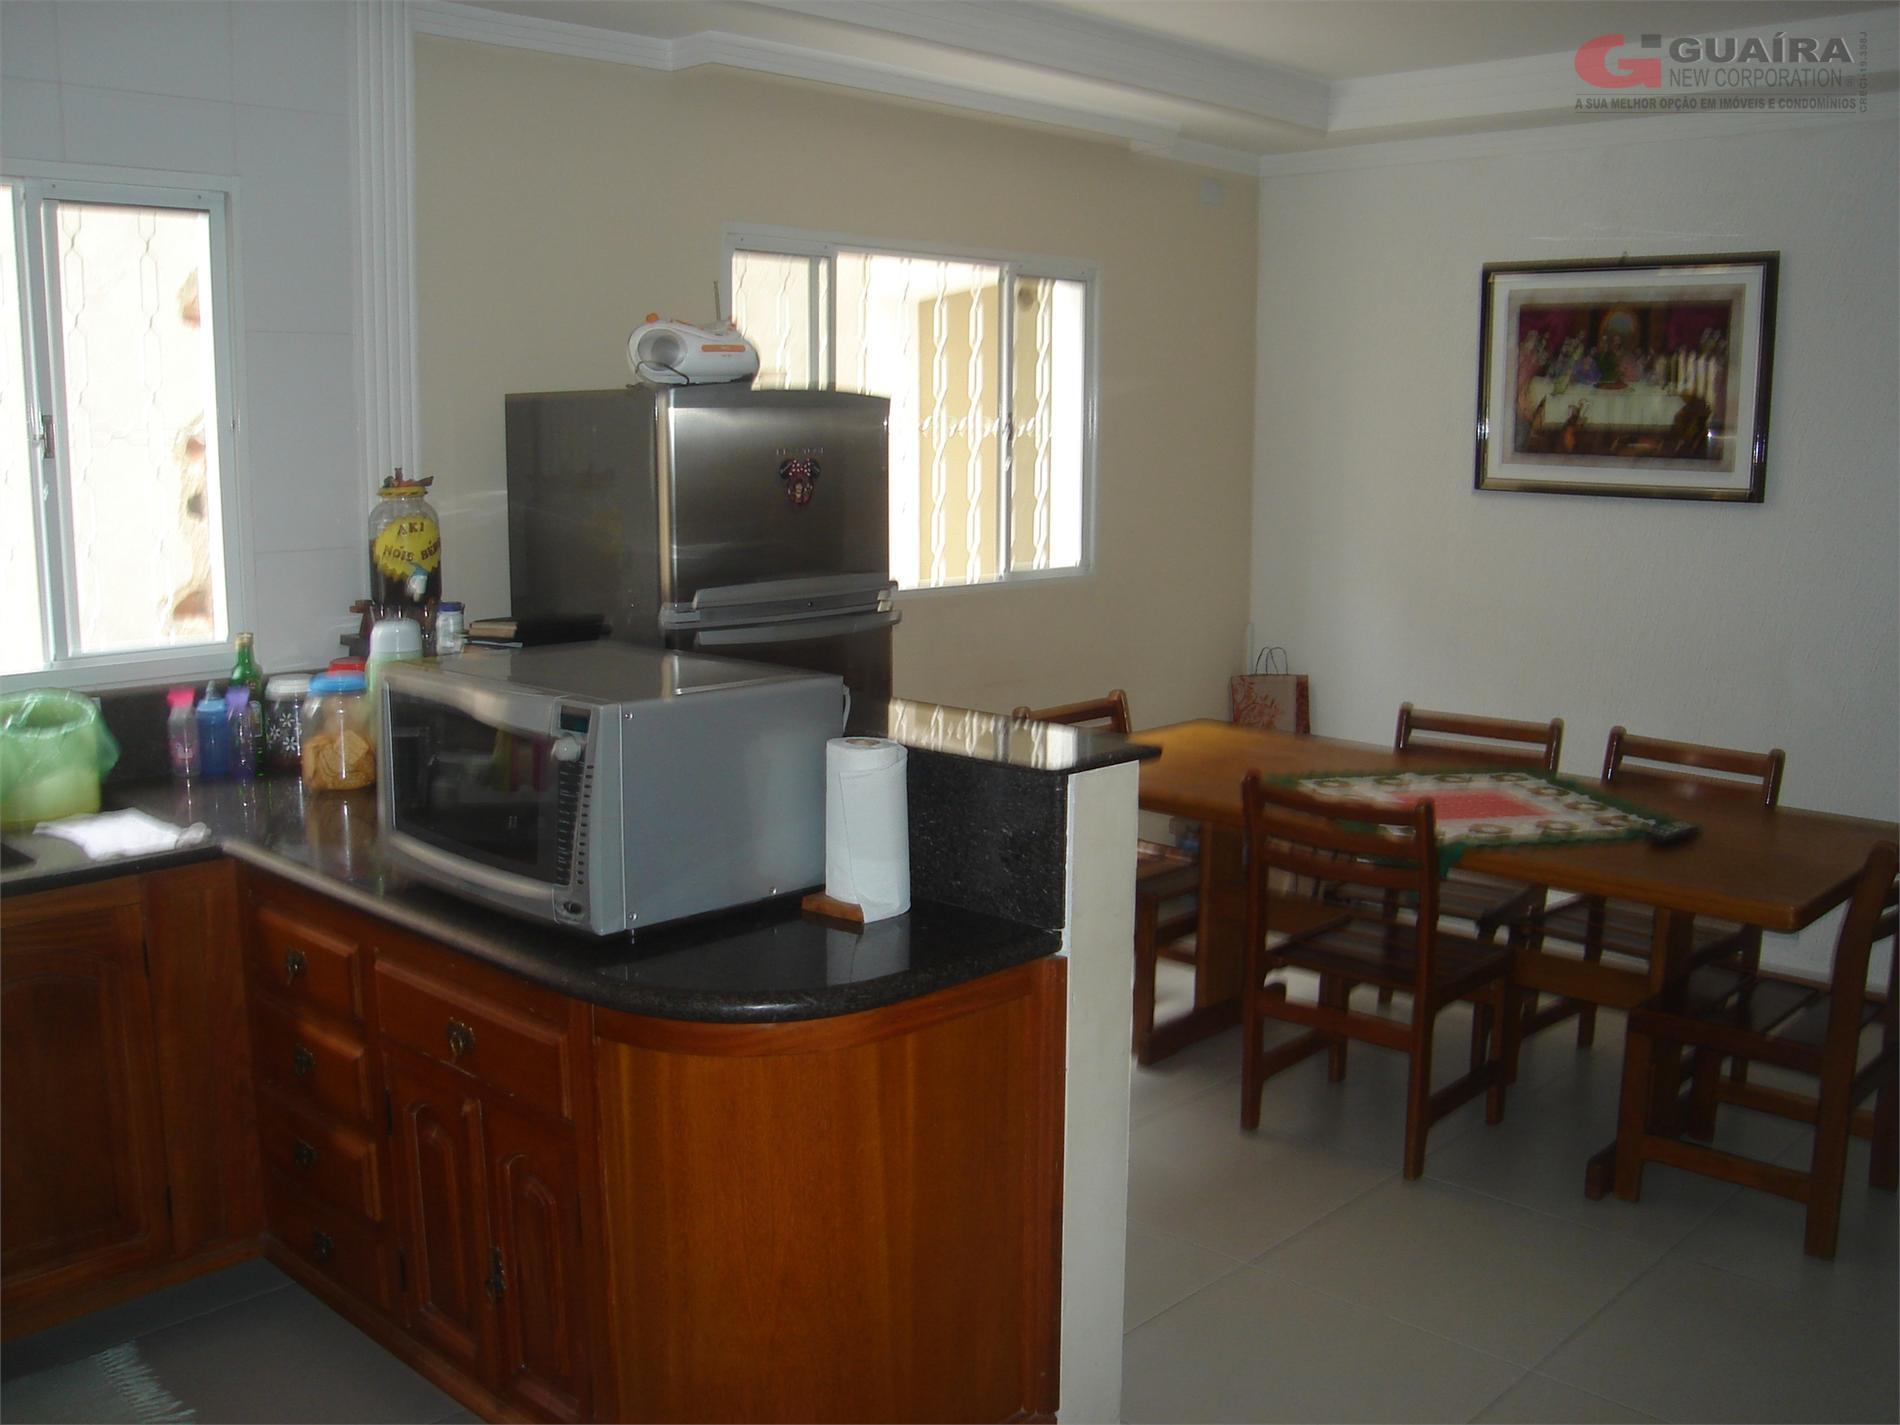 Sobrado de 4 dormitórios à venda em Vila Scarpelli, Santo André - SP